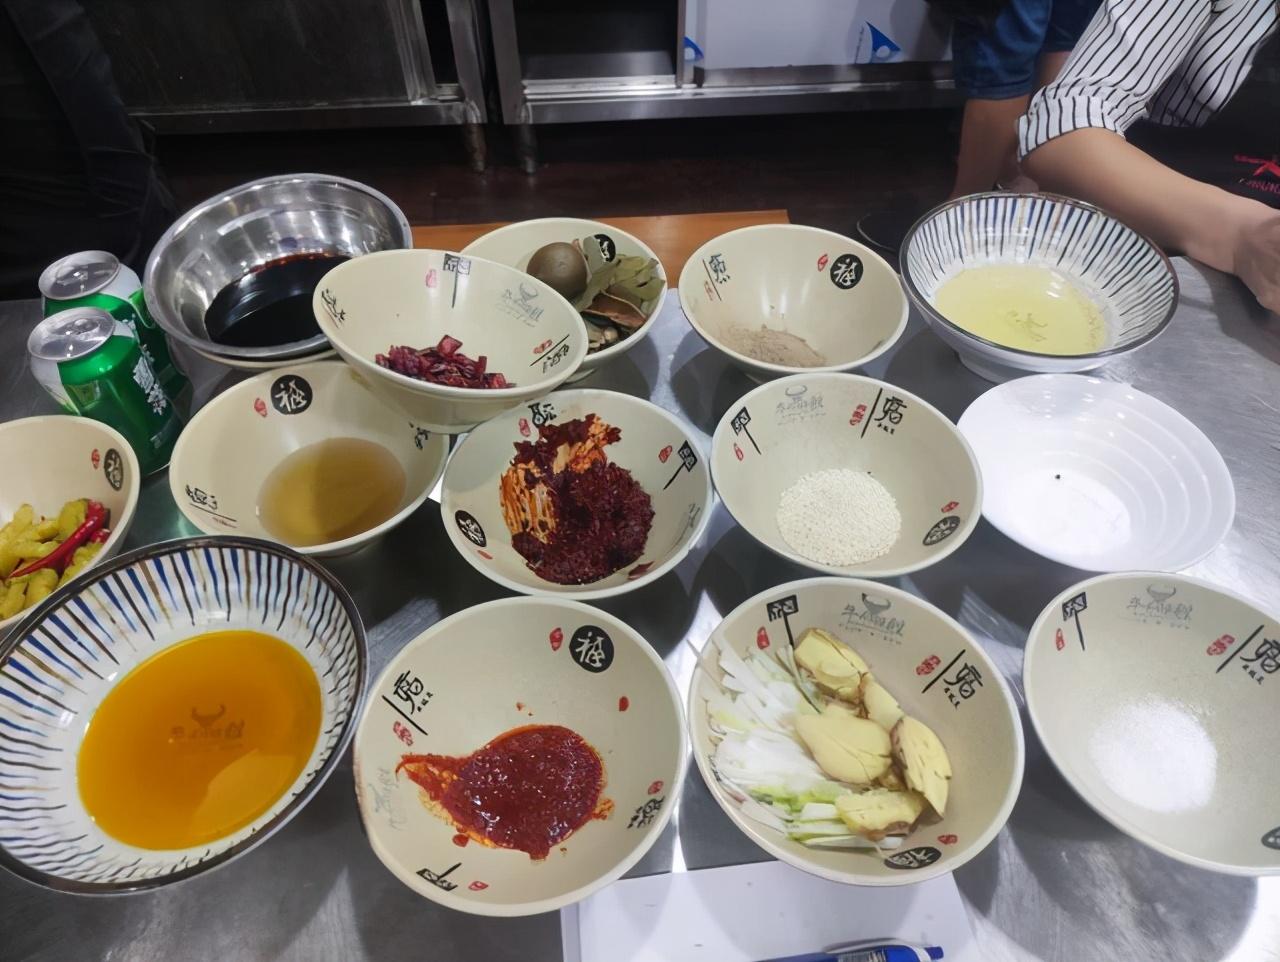 安徽传承百年的牛肉汤,老板没花一分钱宣传,食客从外地驱车来喝